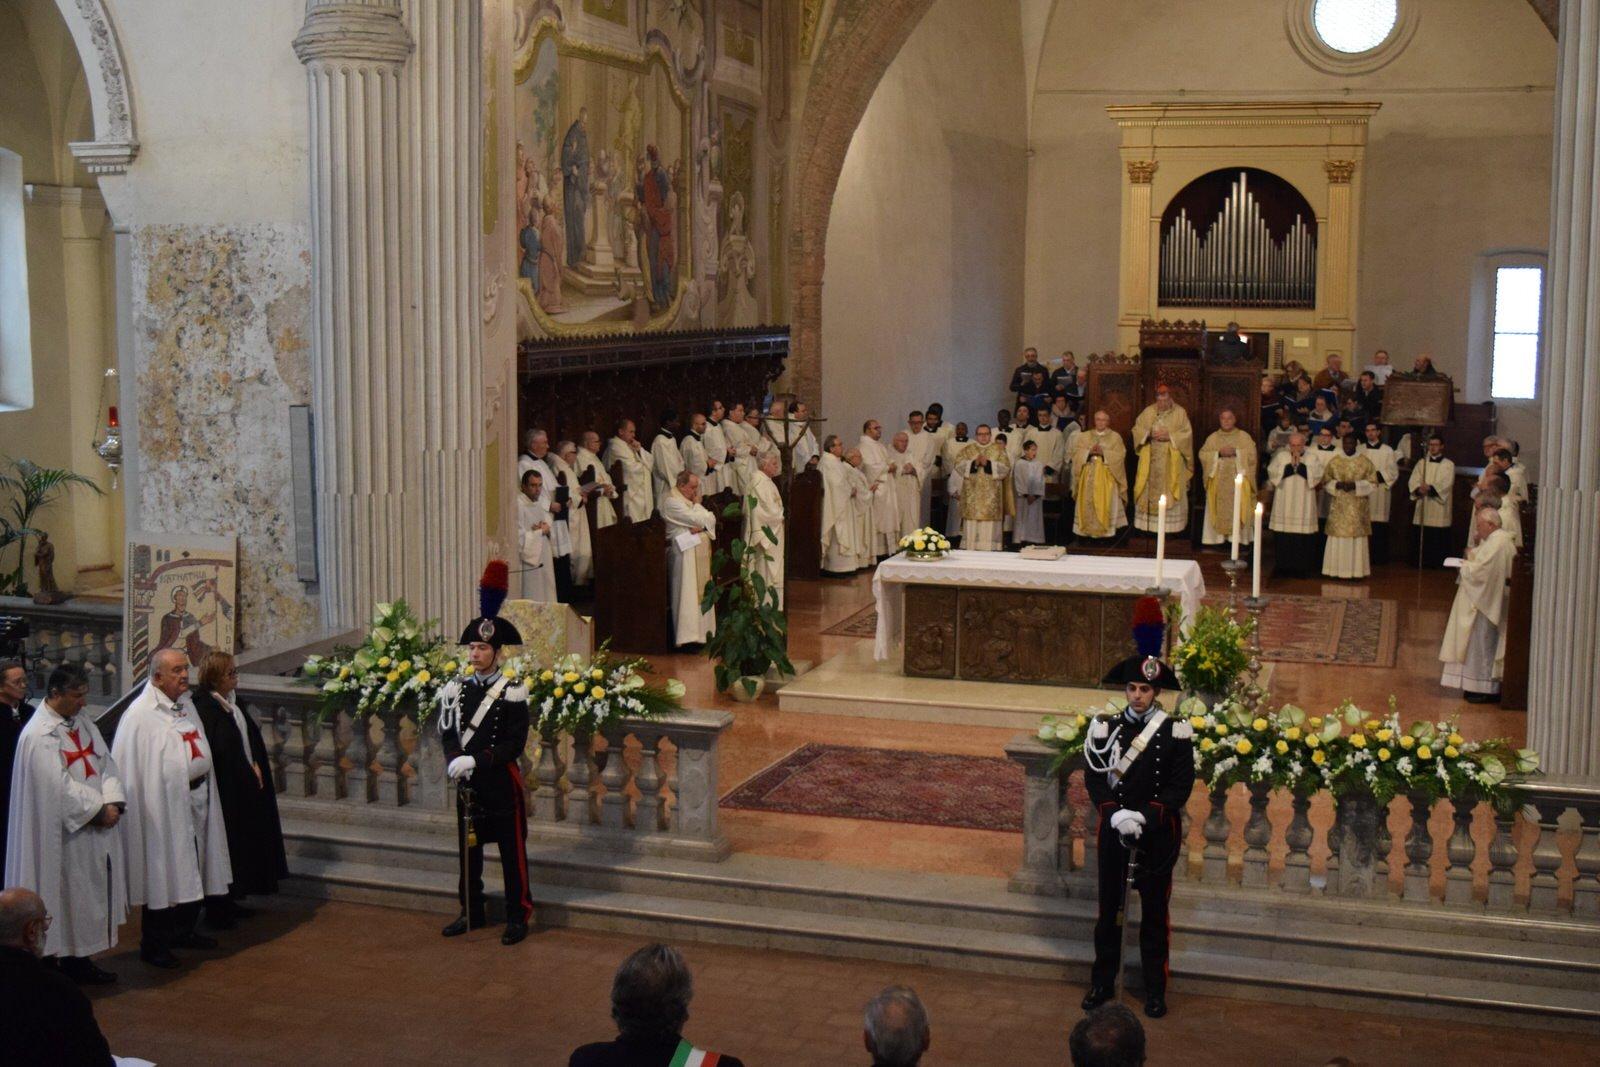 Templiers Catholique aux célébrations de la fête du saint San Colombano patron de la ville de Bobbio, (Piacenza Italie)